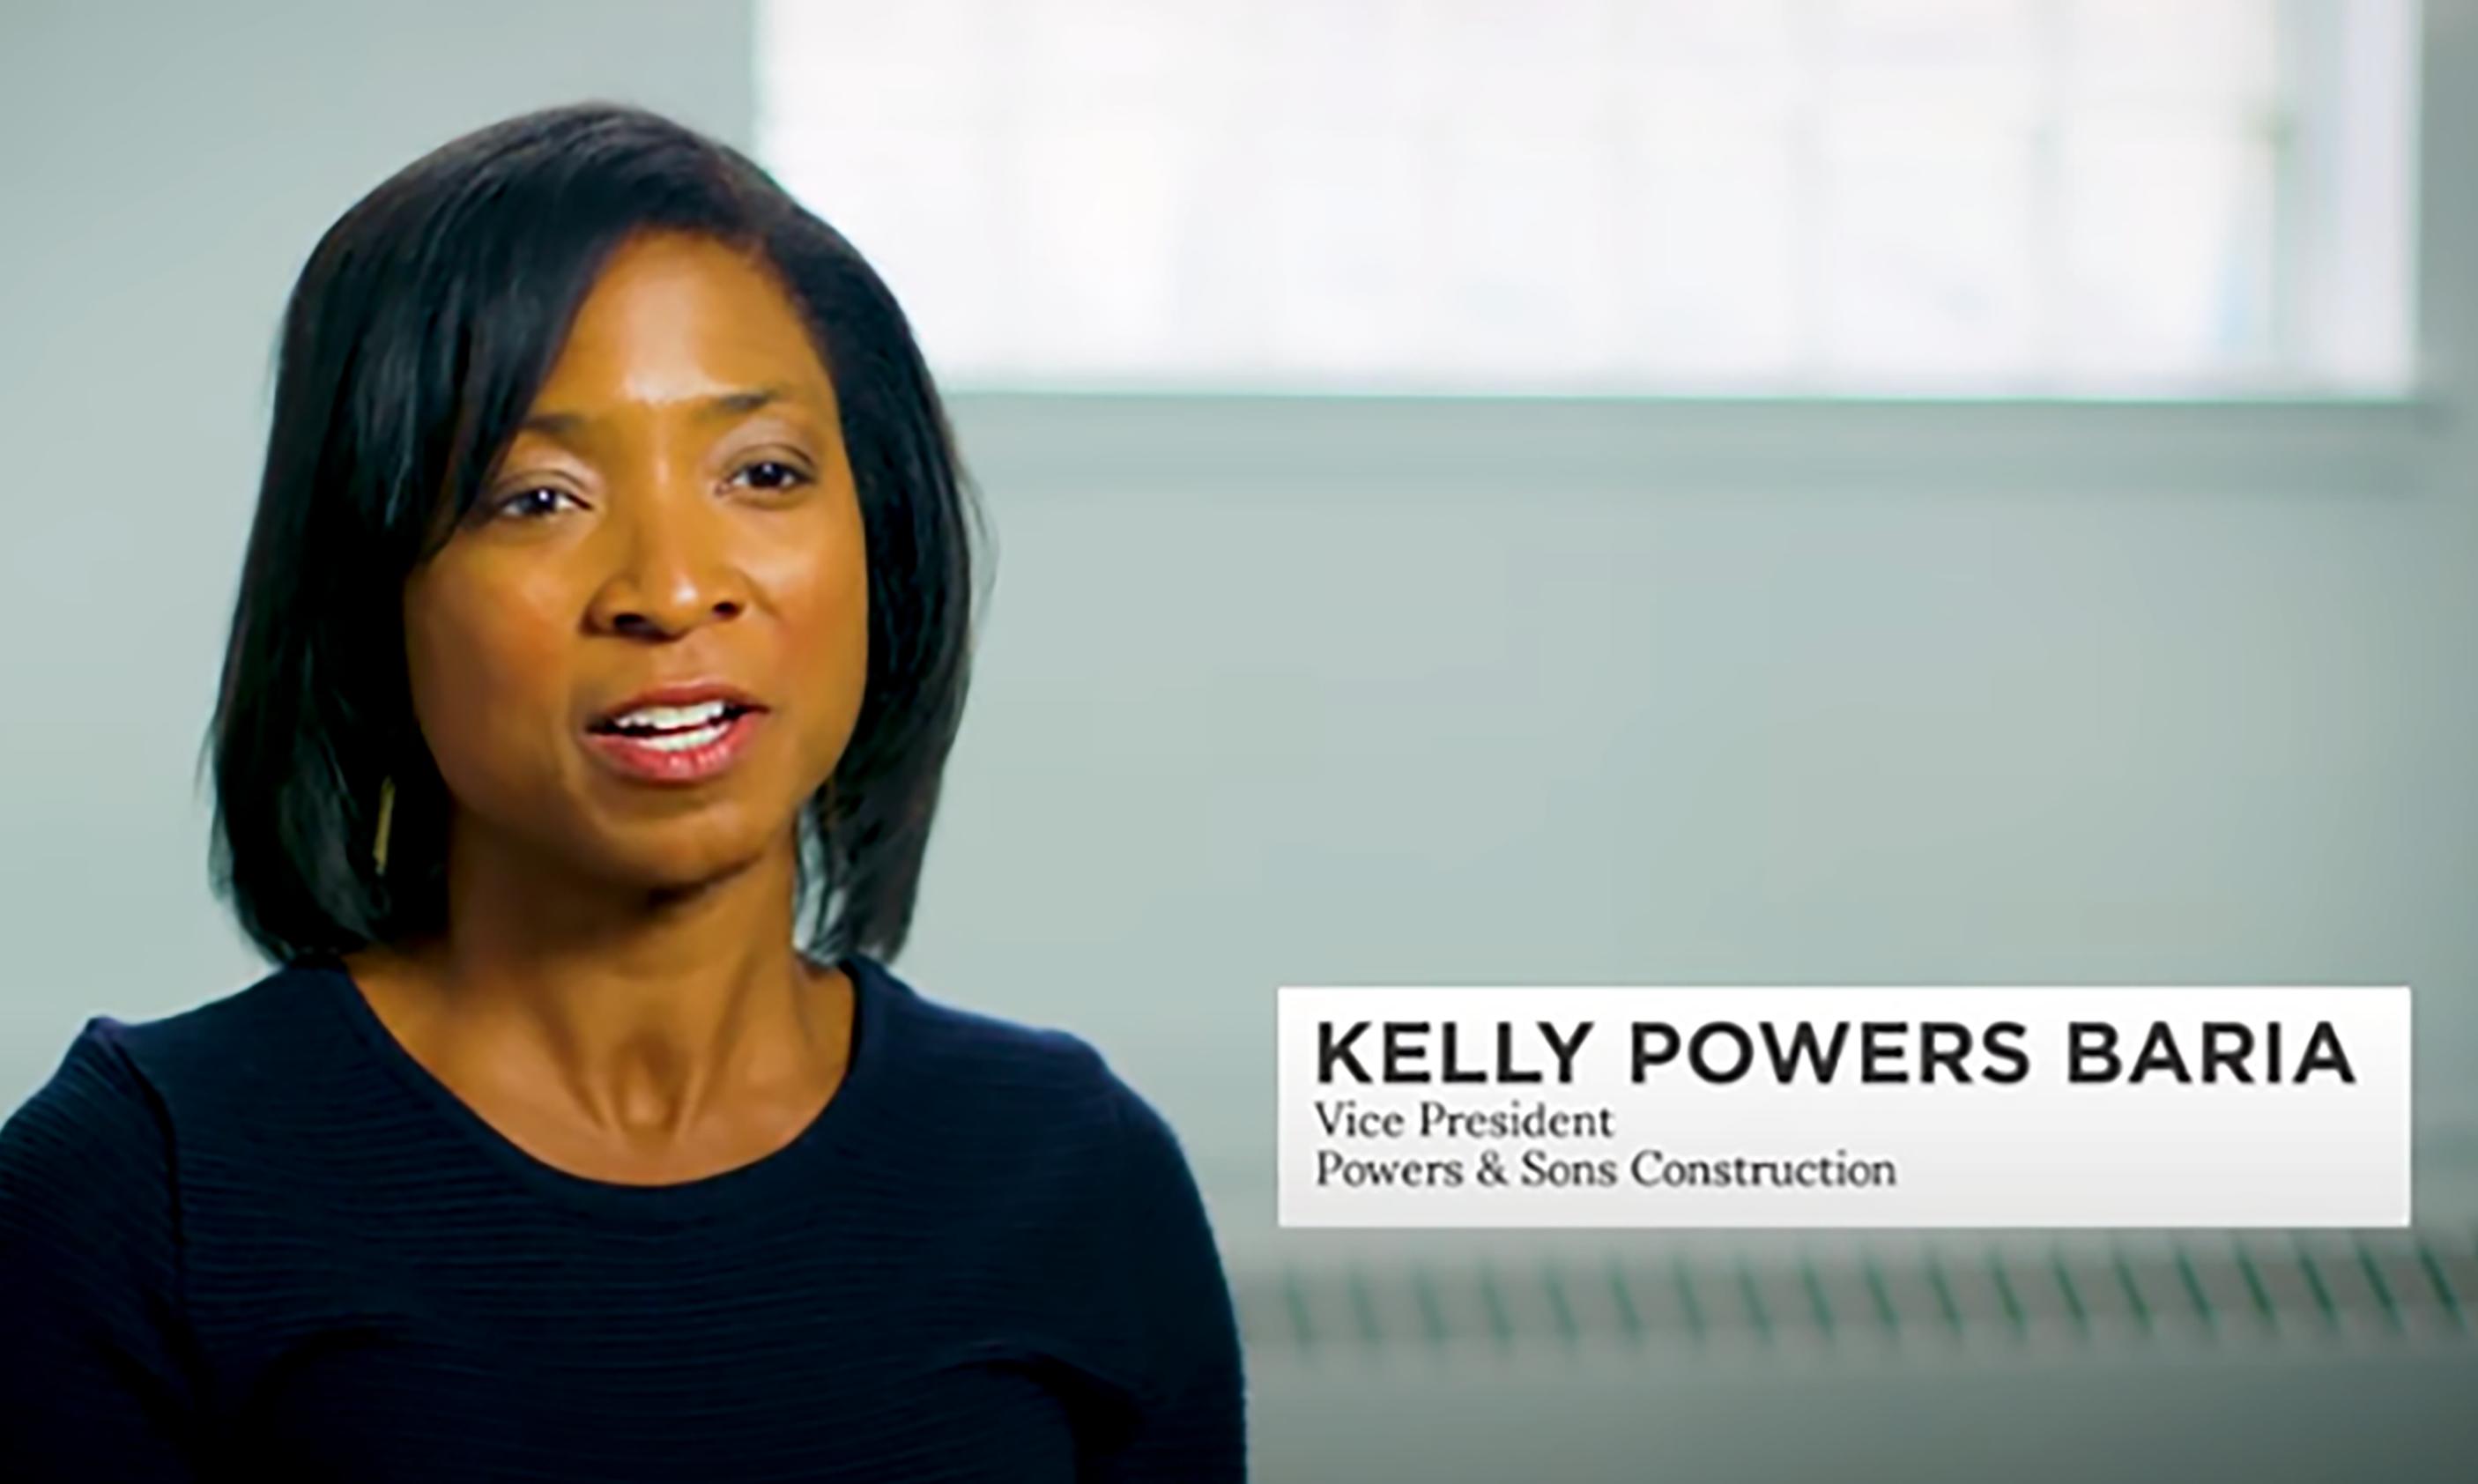 Kelly Powers Baria